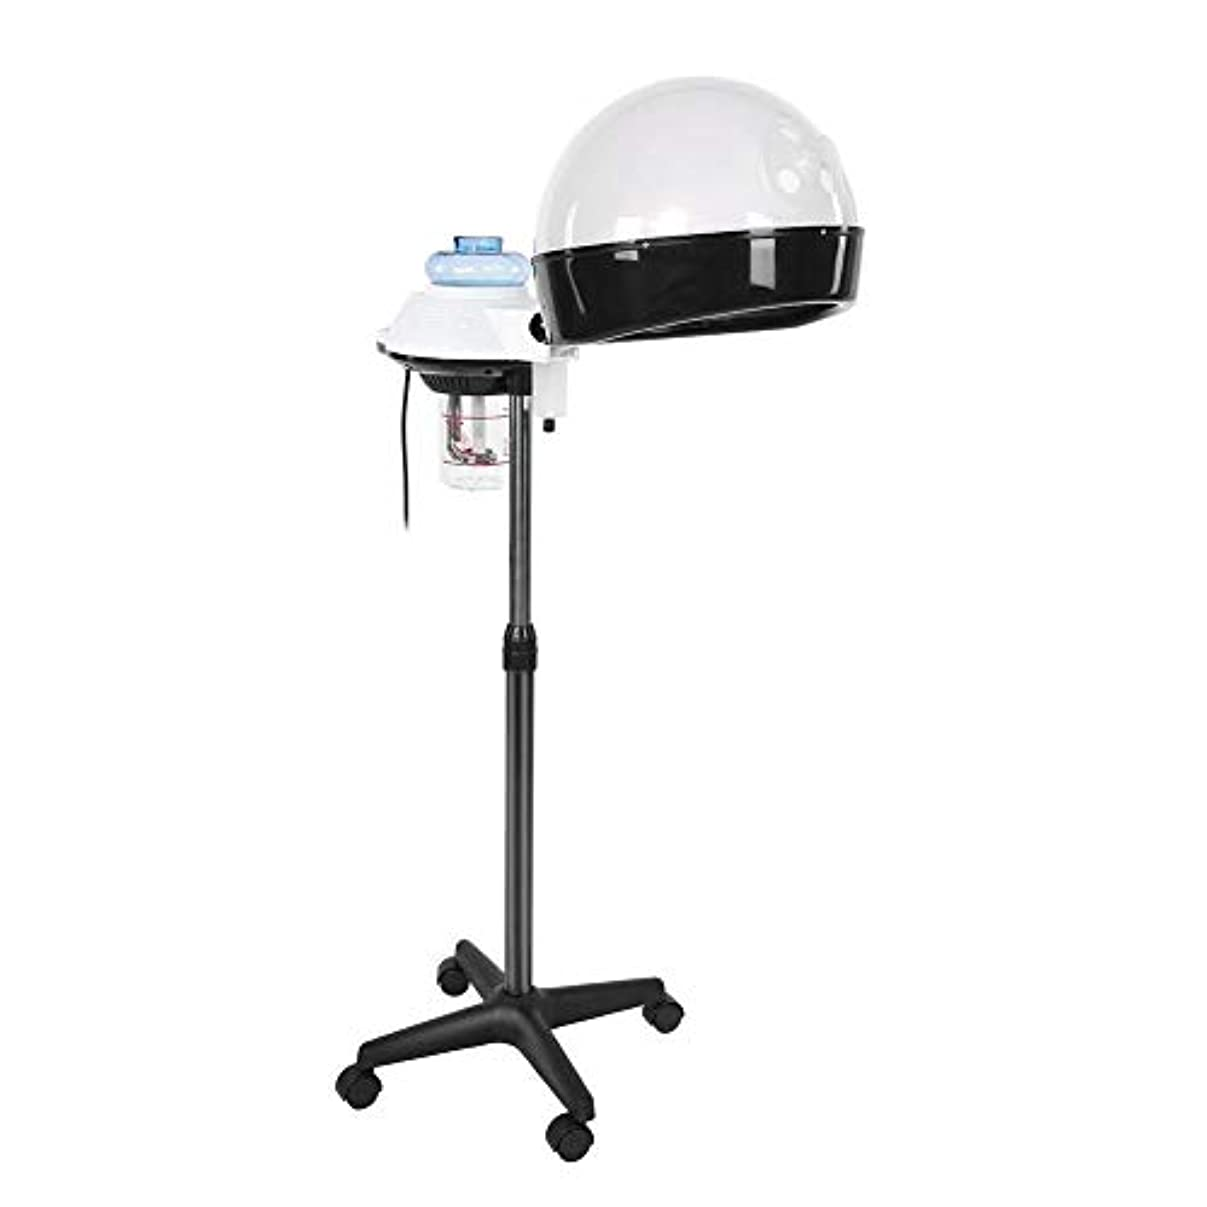 排泄するほのめかす印象的ヘア 加湿器 パーソナルケア用のデザイン ホットミストオゾンヘアセラピー美容機器 個人用家庭用 (US)